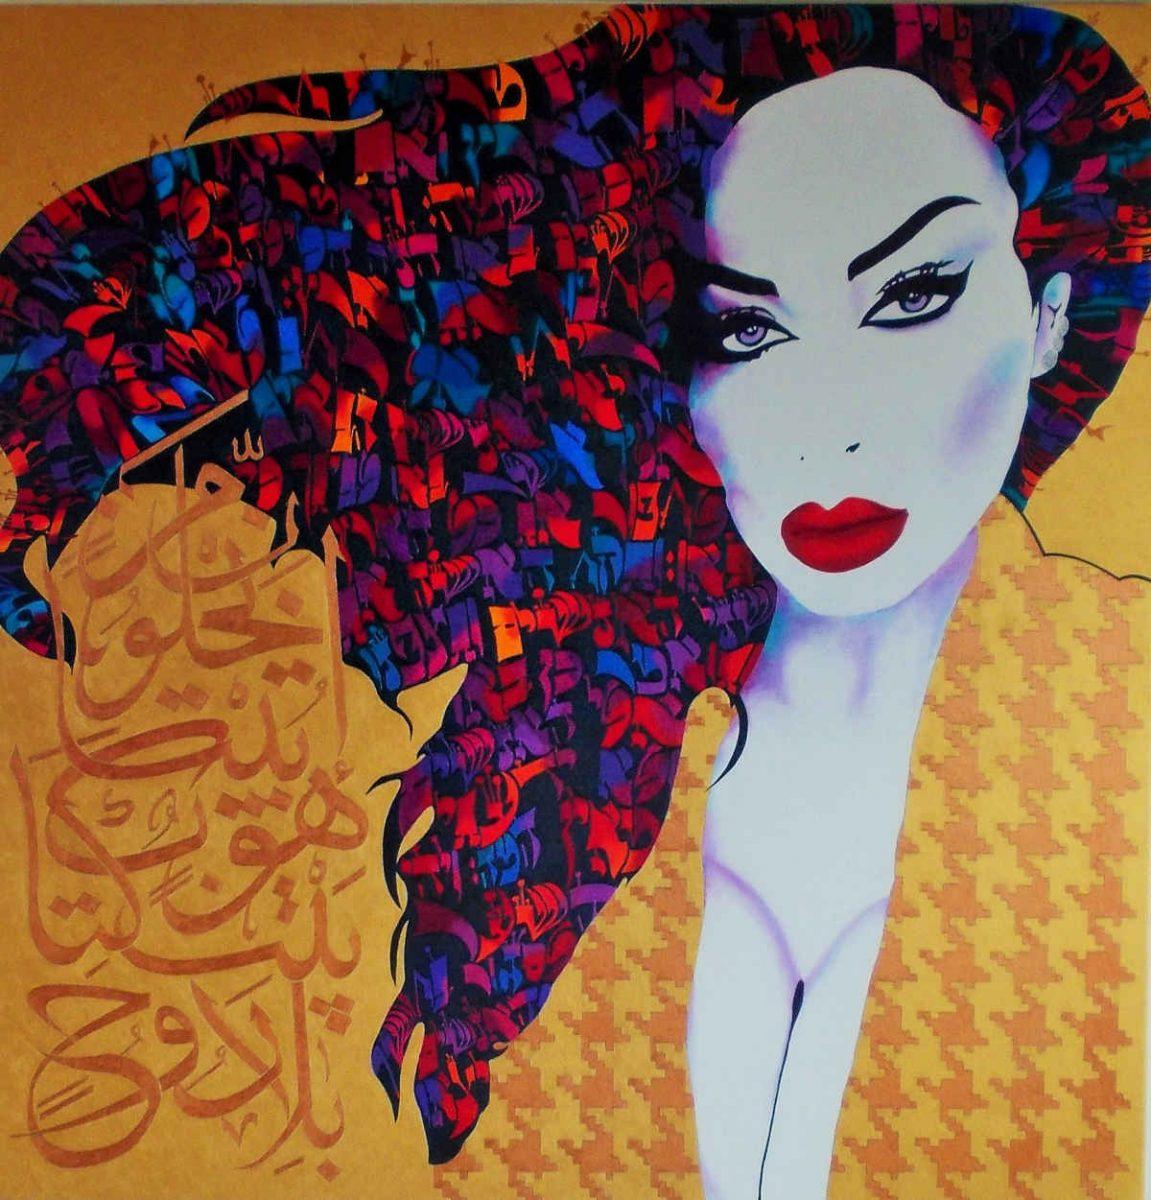 Artmuc restart - Neustart der Kunstszene , ausgestellt wird u.a. das hier gezeigte Bild von Haynal oT, welches eine Frau mit blau-roten Haar, nobler Blesse und roten Lippen. Ihr Kleid und der Hintergrund wird überwiegend gelb dargestellt.